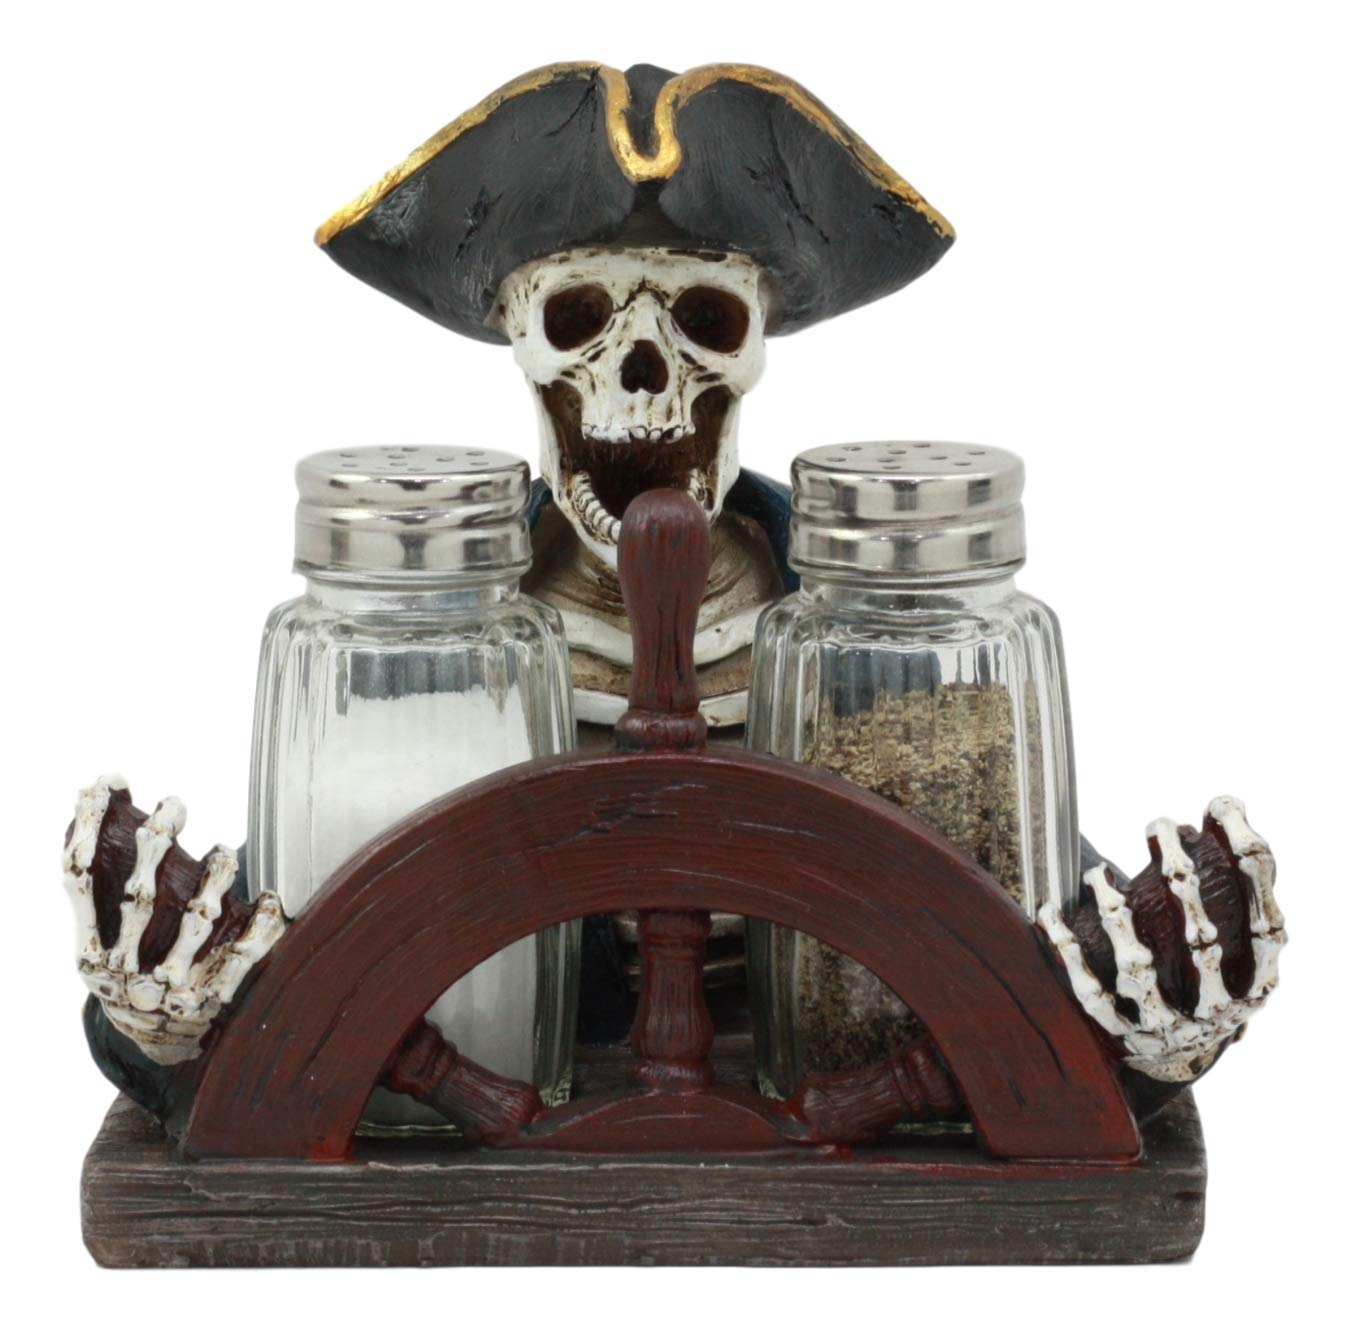 Pirate Captain Skeleton Steering Wheel Salt And Pepper Shaker Holder Statue Set